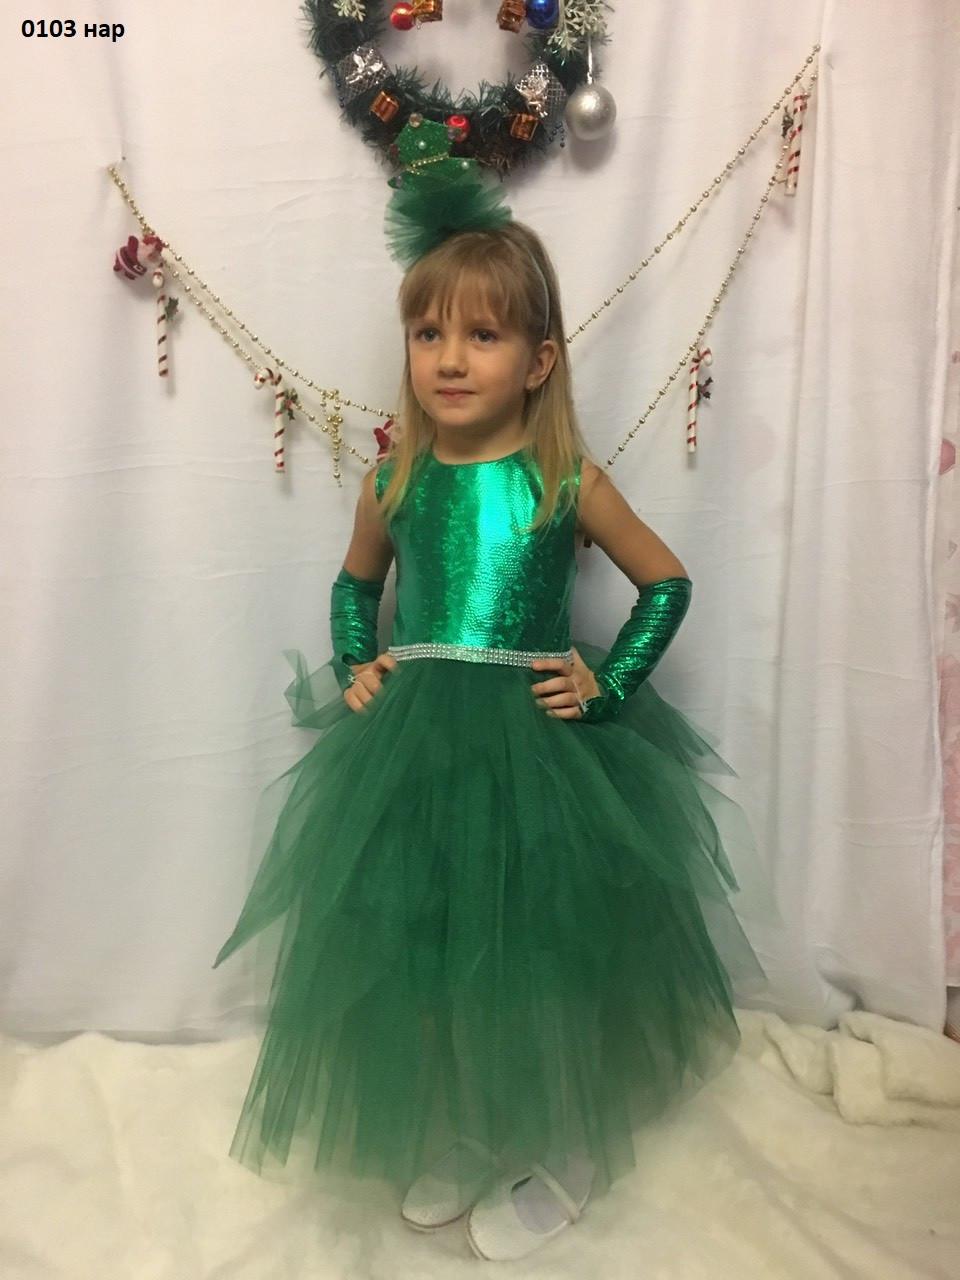 Карнавальное платье Елочка 0103 нар, фото 1